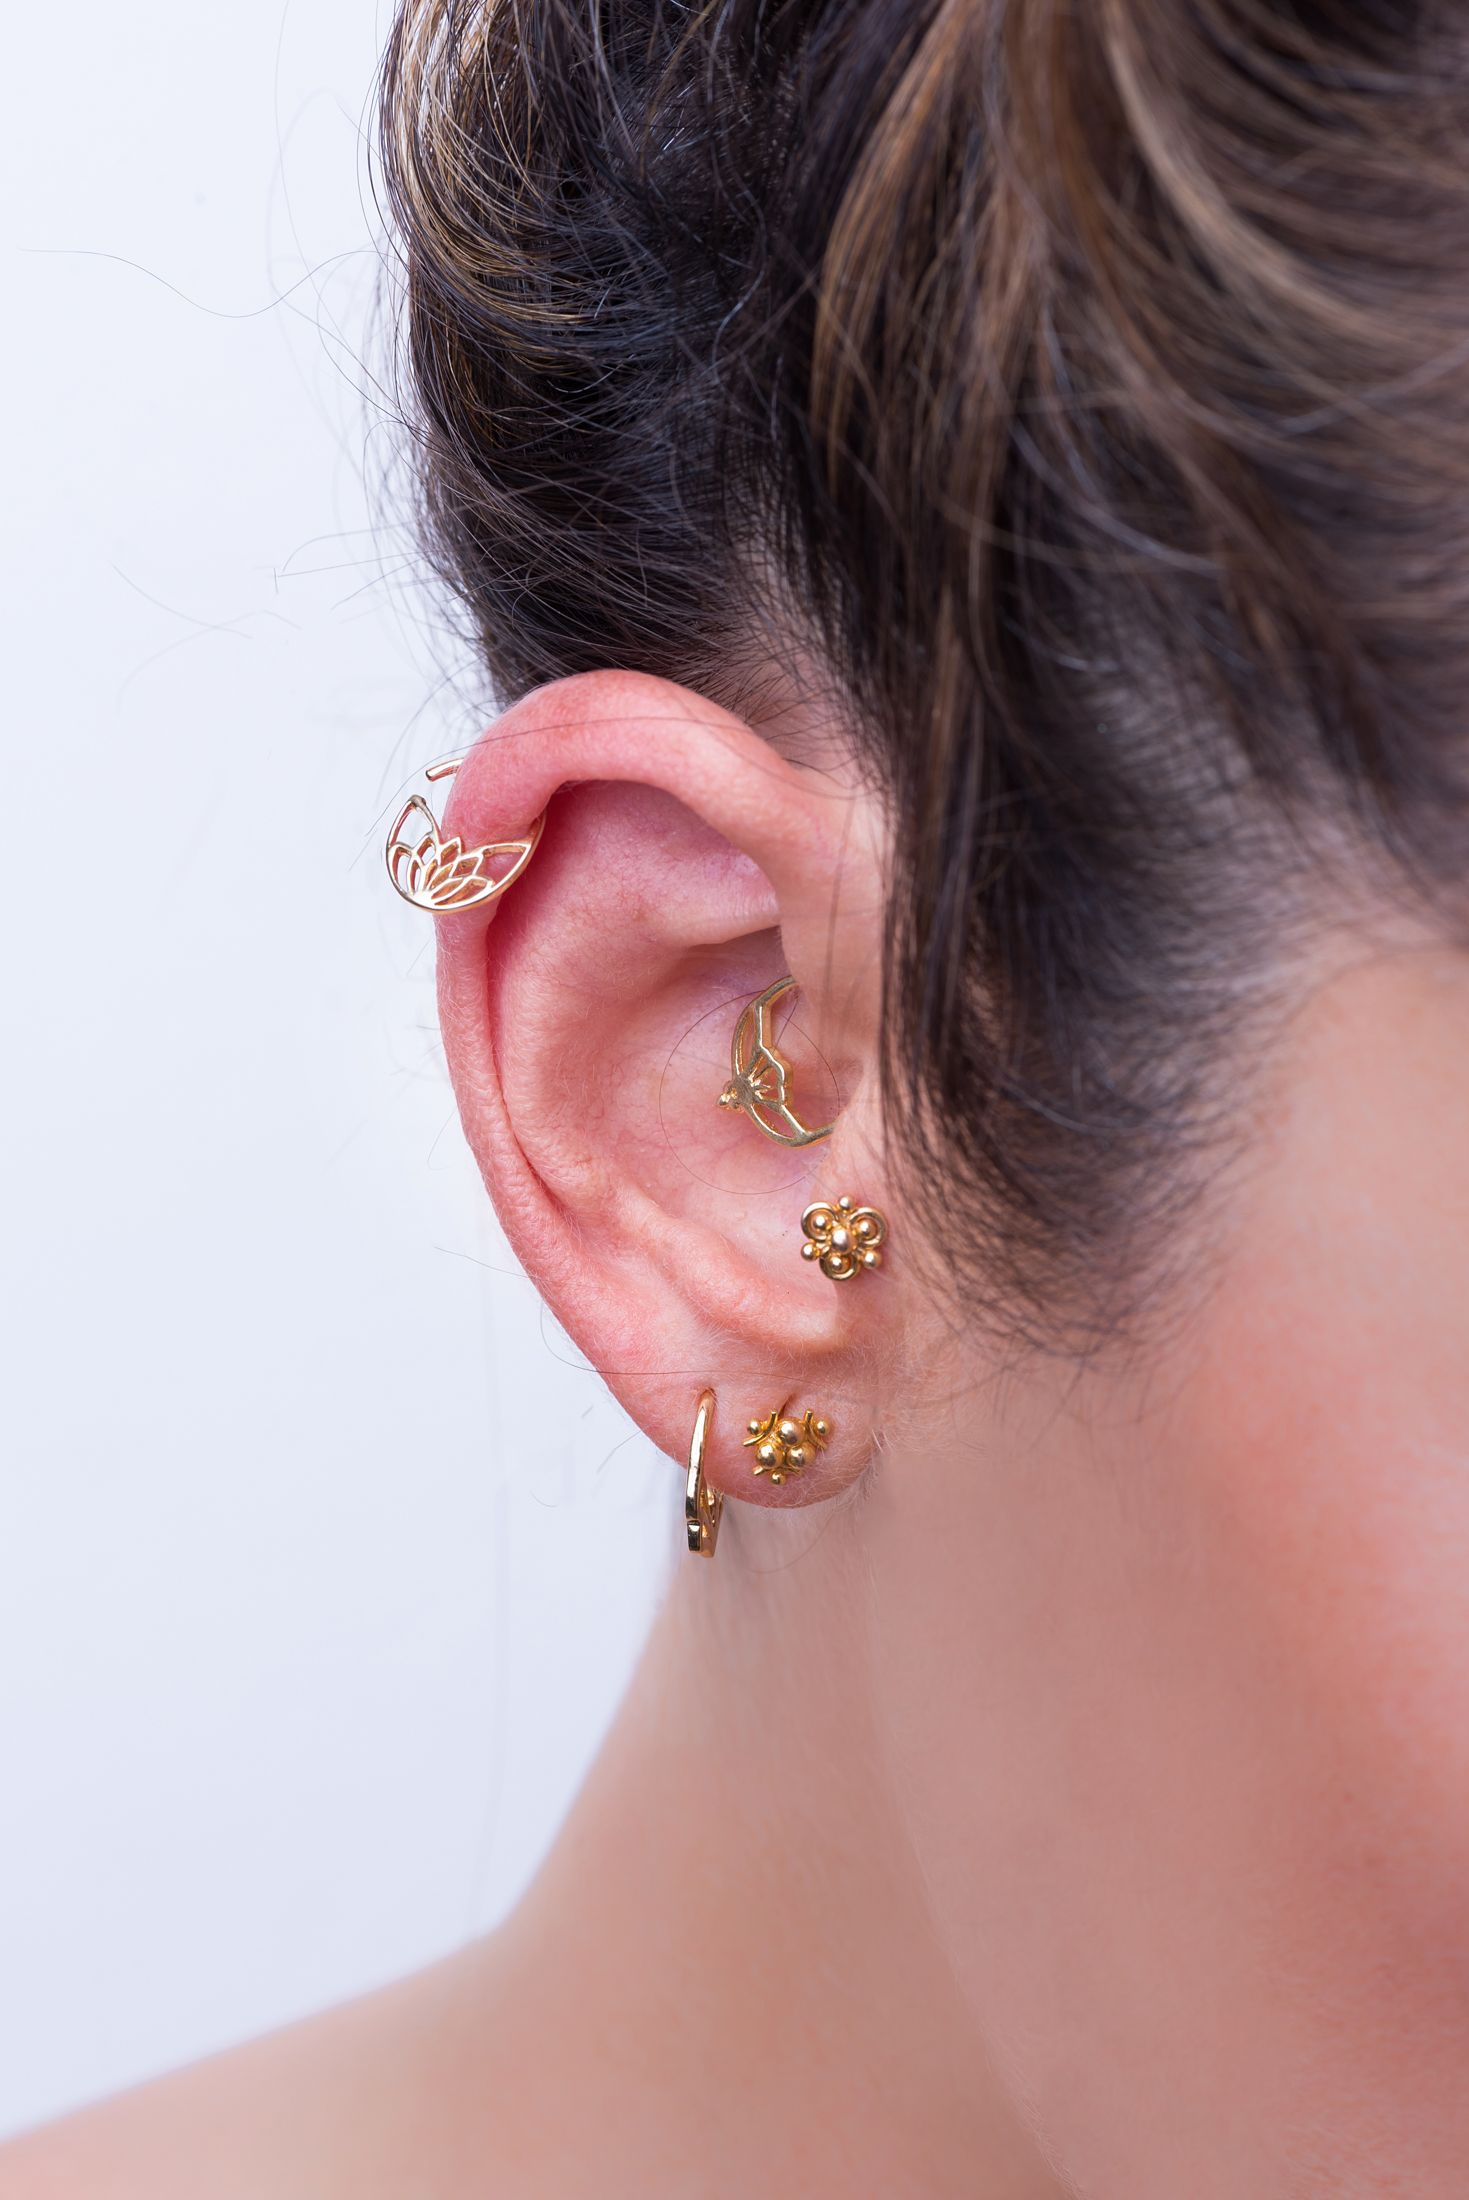 Long Crystal Geometric Earrings Vintage Jewelry Women Removable Fashion Earring Jackets Indian Ear Accessories Modern Techniques Drop Earrings